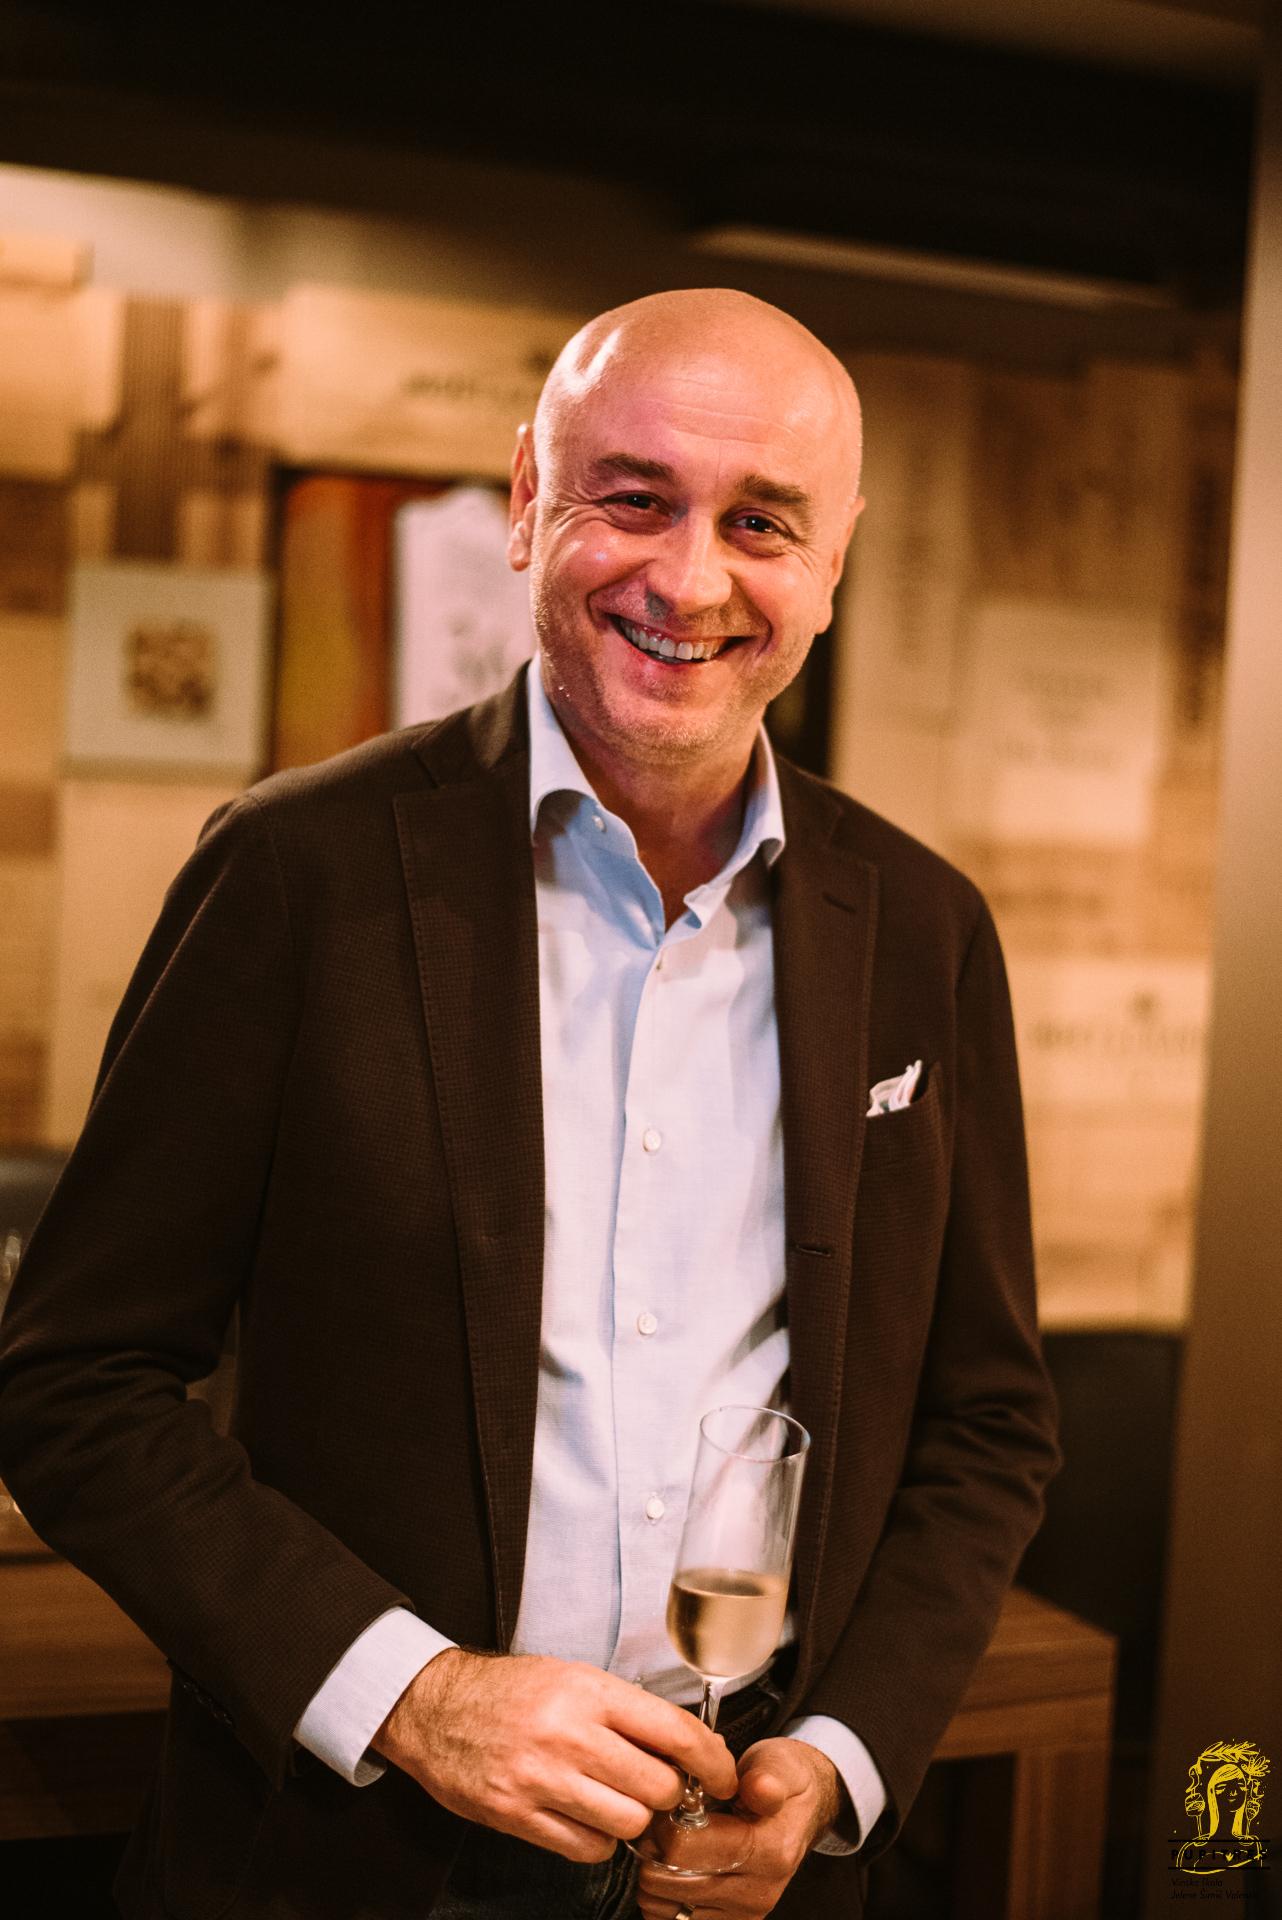 Željko Bročilović Carlos sommelier